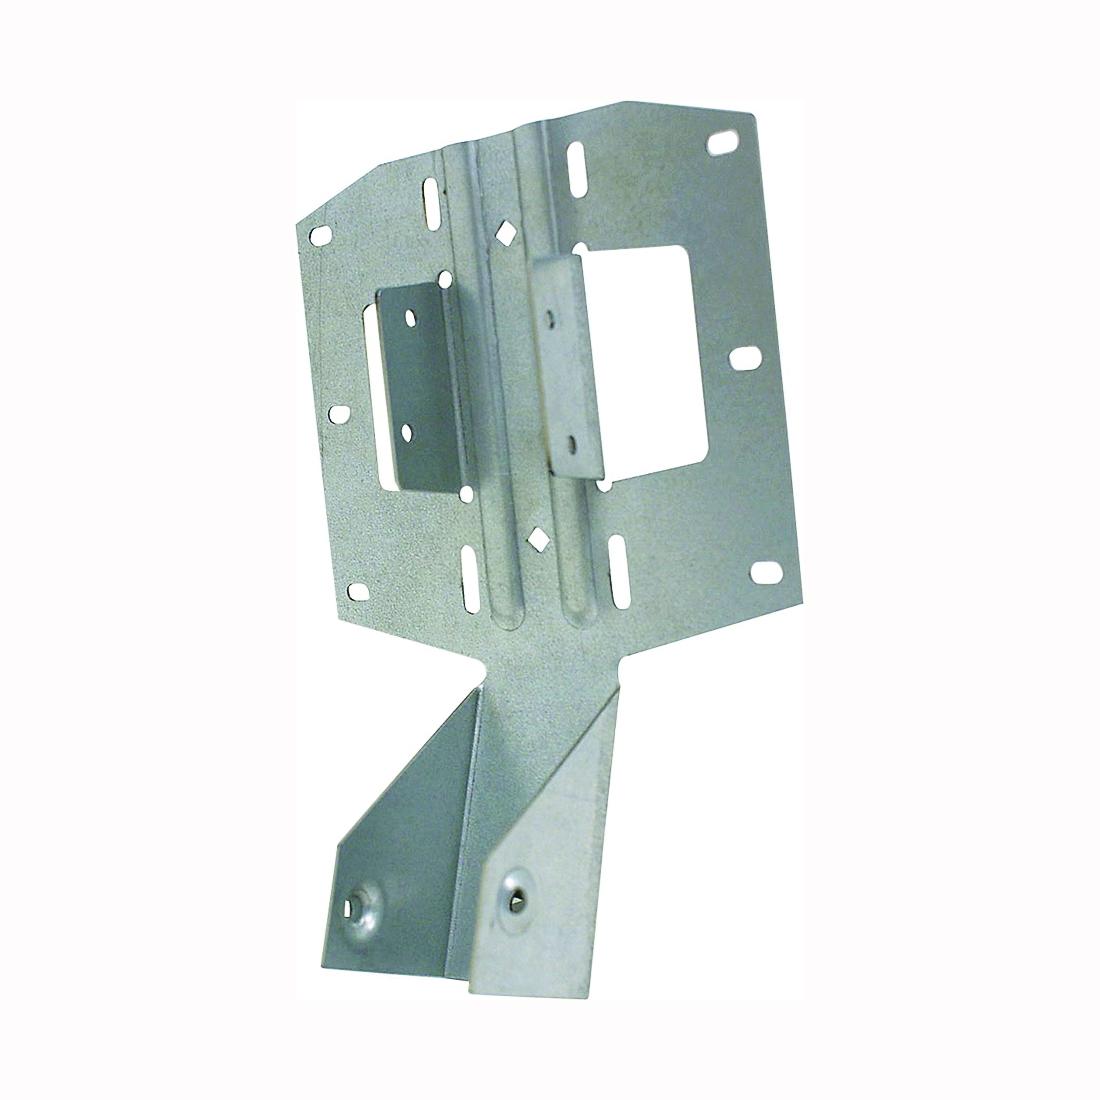 Picture of MiTek LSSH15-TZ Slope/Skew Hanger, 5-1/16 in H, 3 in D, 1-9/16 in (W1), 1-3/4 in (W2) W, Steel, G185 Galvanized